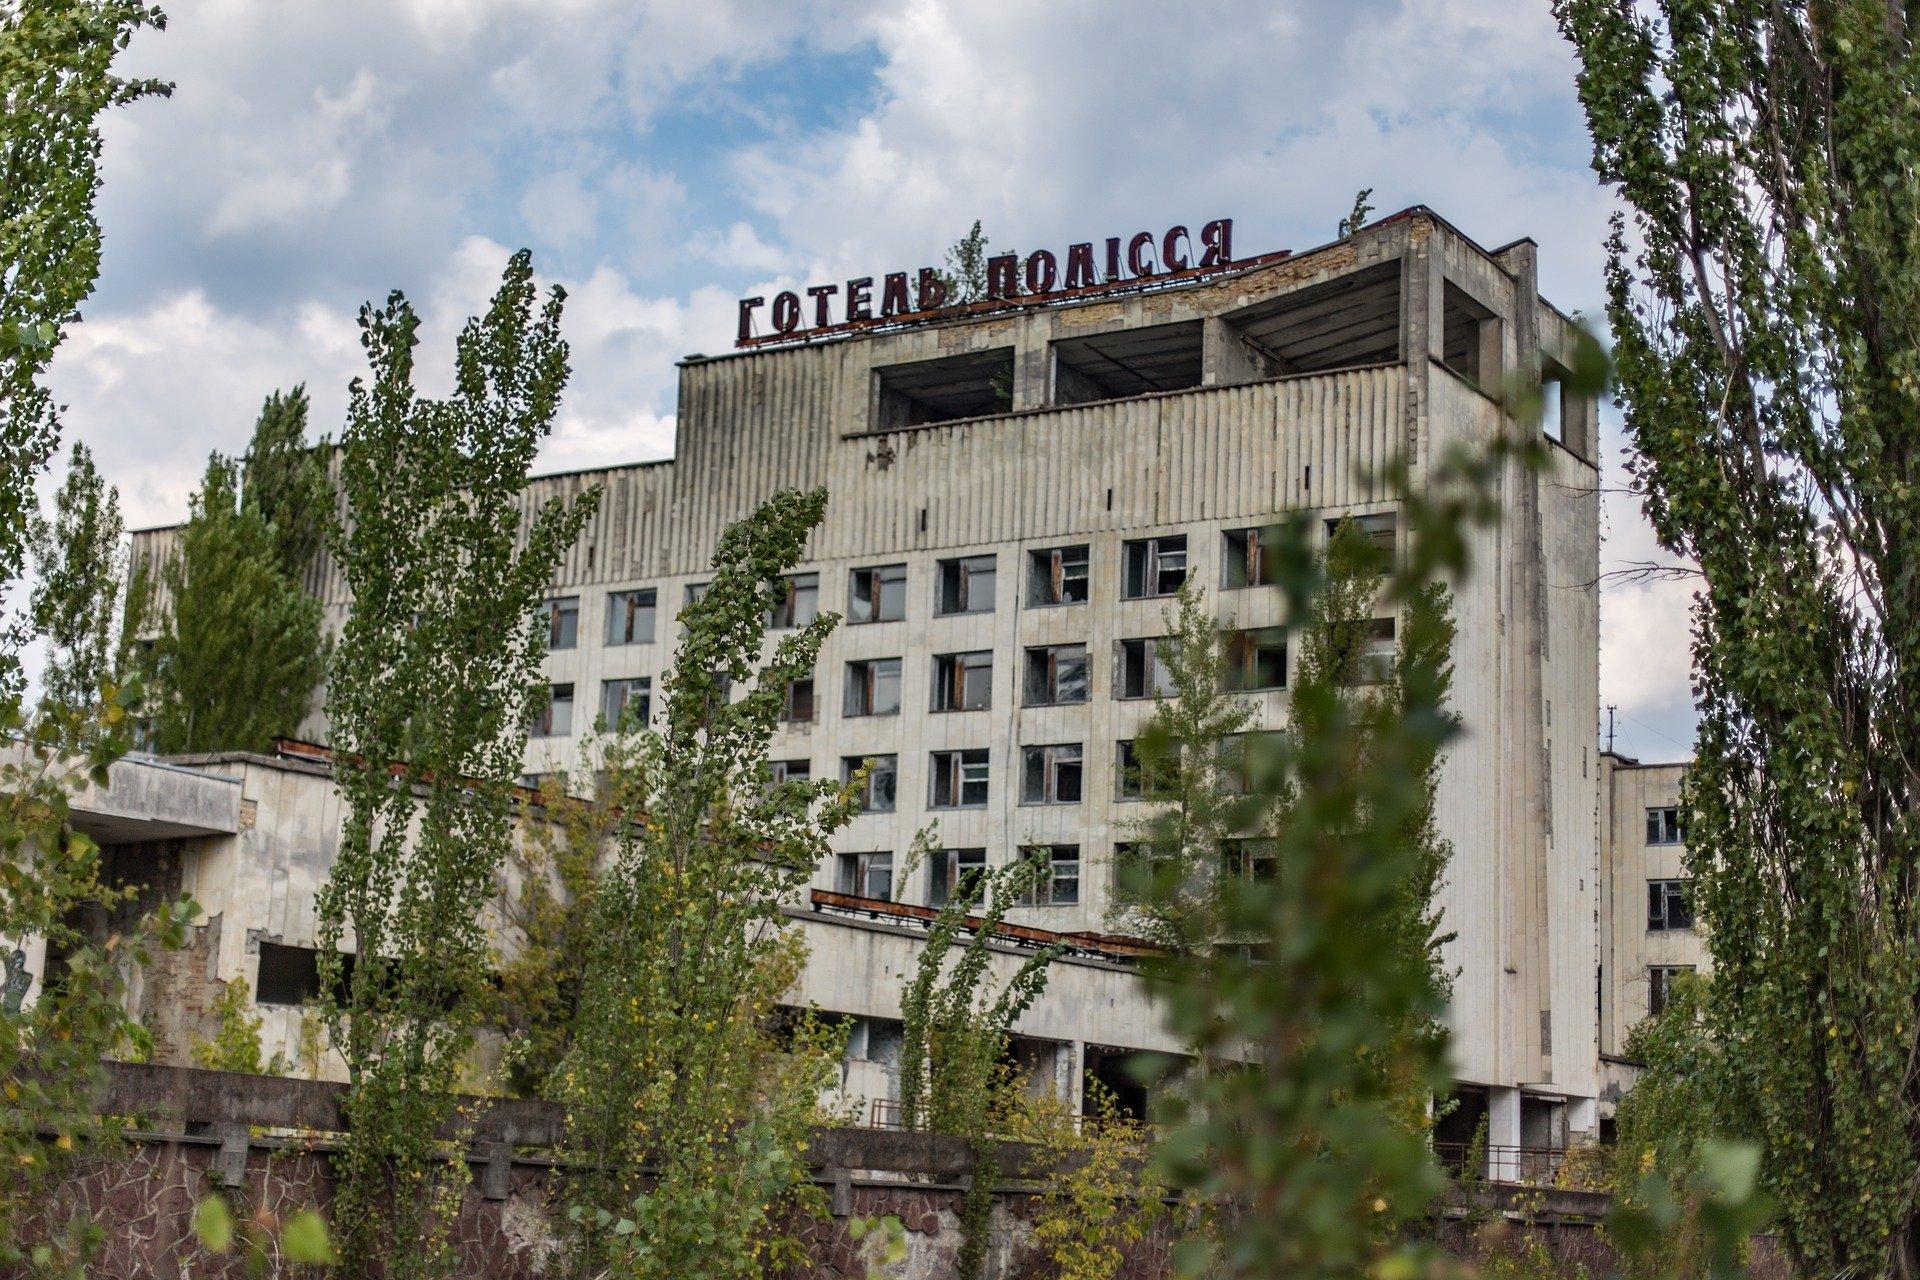 Чернобыль, Украина, Припять, отель